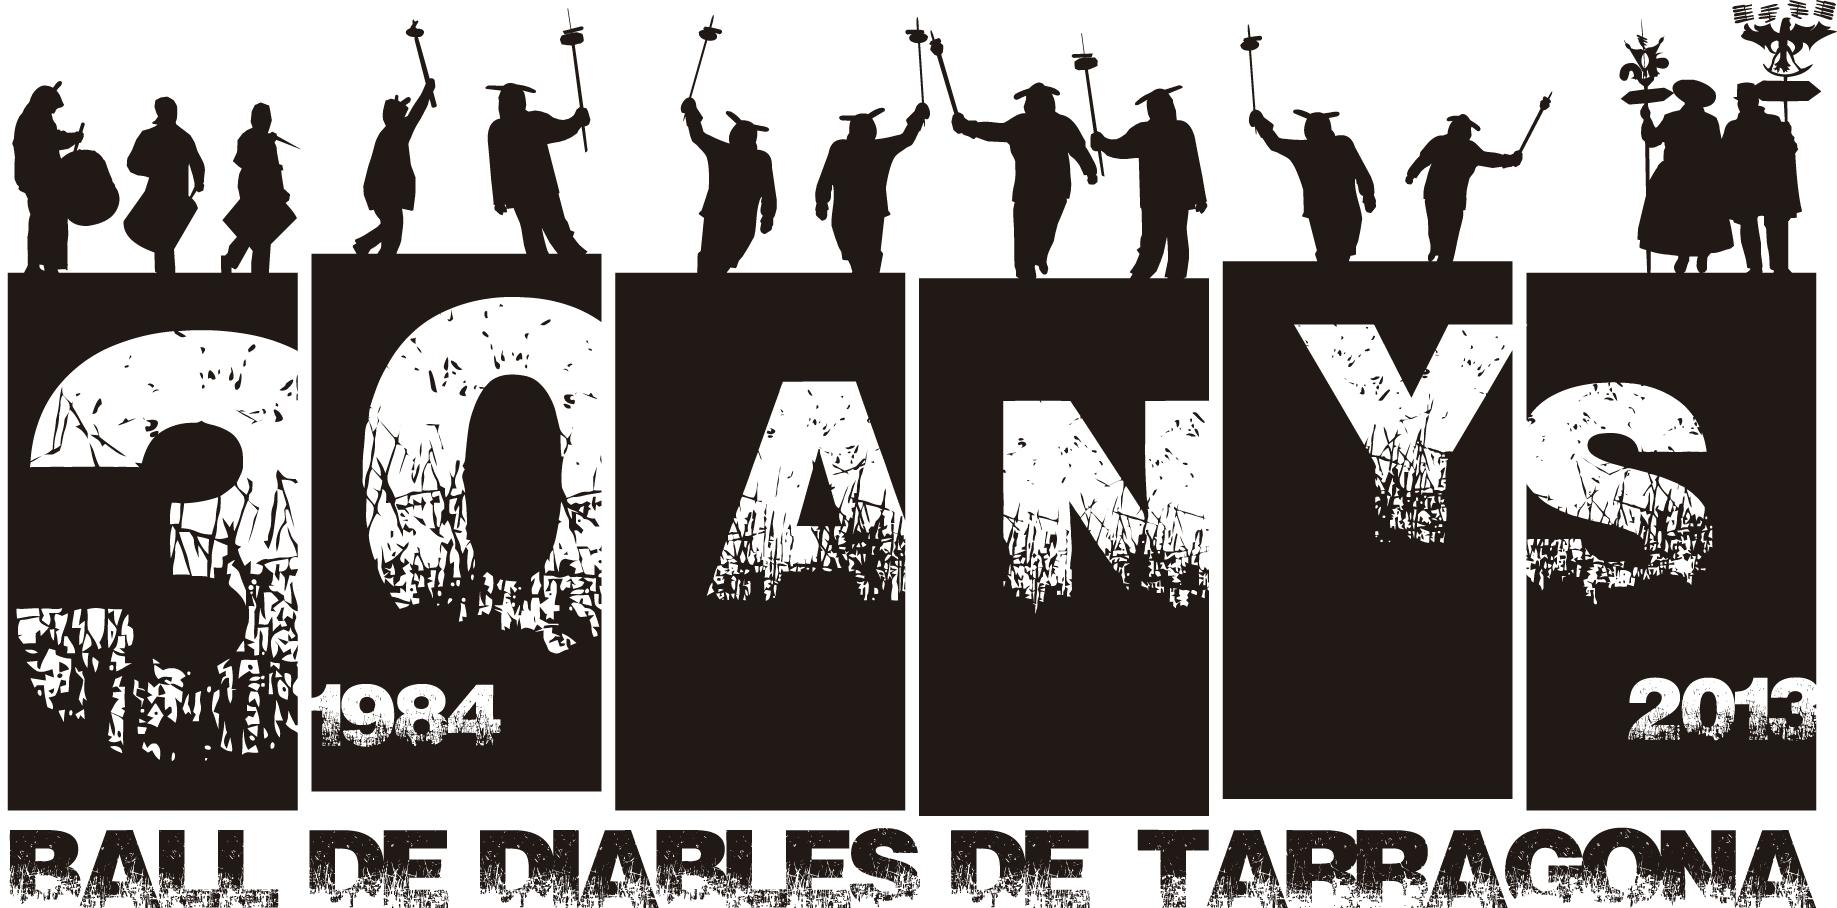 Logotip del 30è aniversari (Cedida: Ball de Diables de Tarragona).